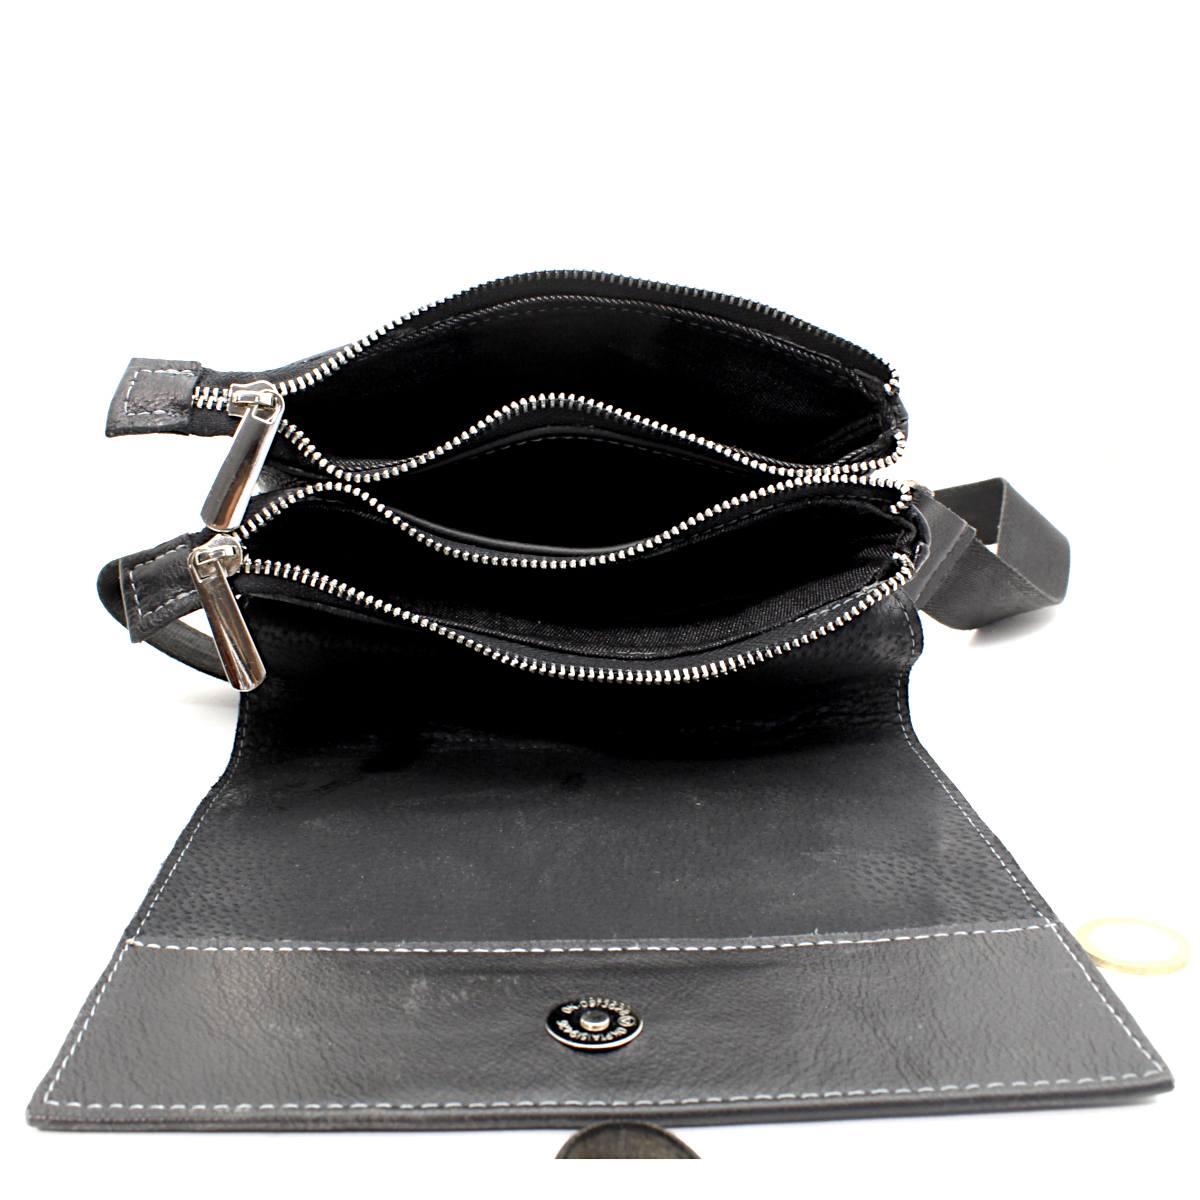 Черна мъжка чанта през рамо естествена кожа 8799 отворена